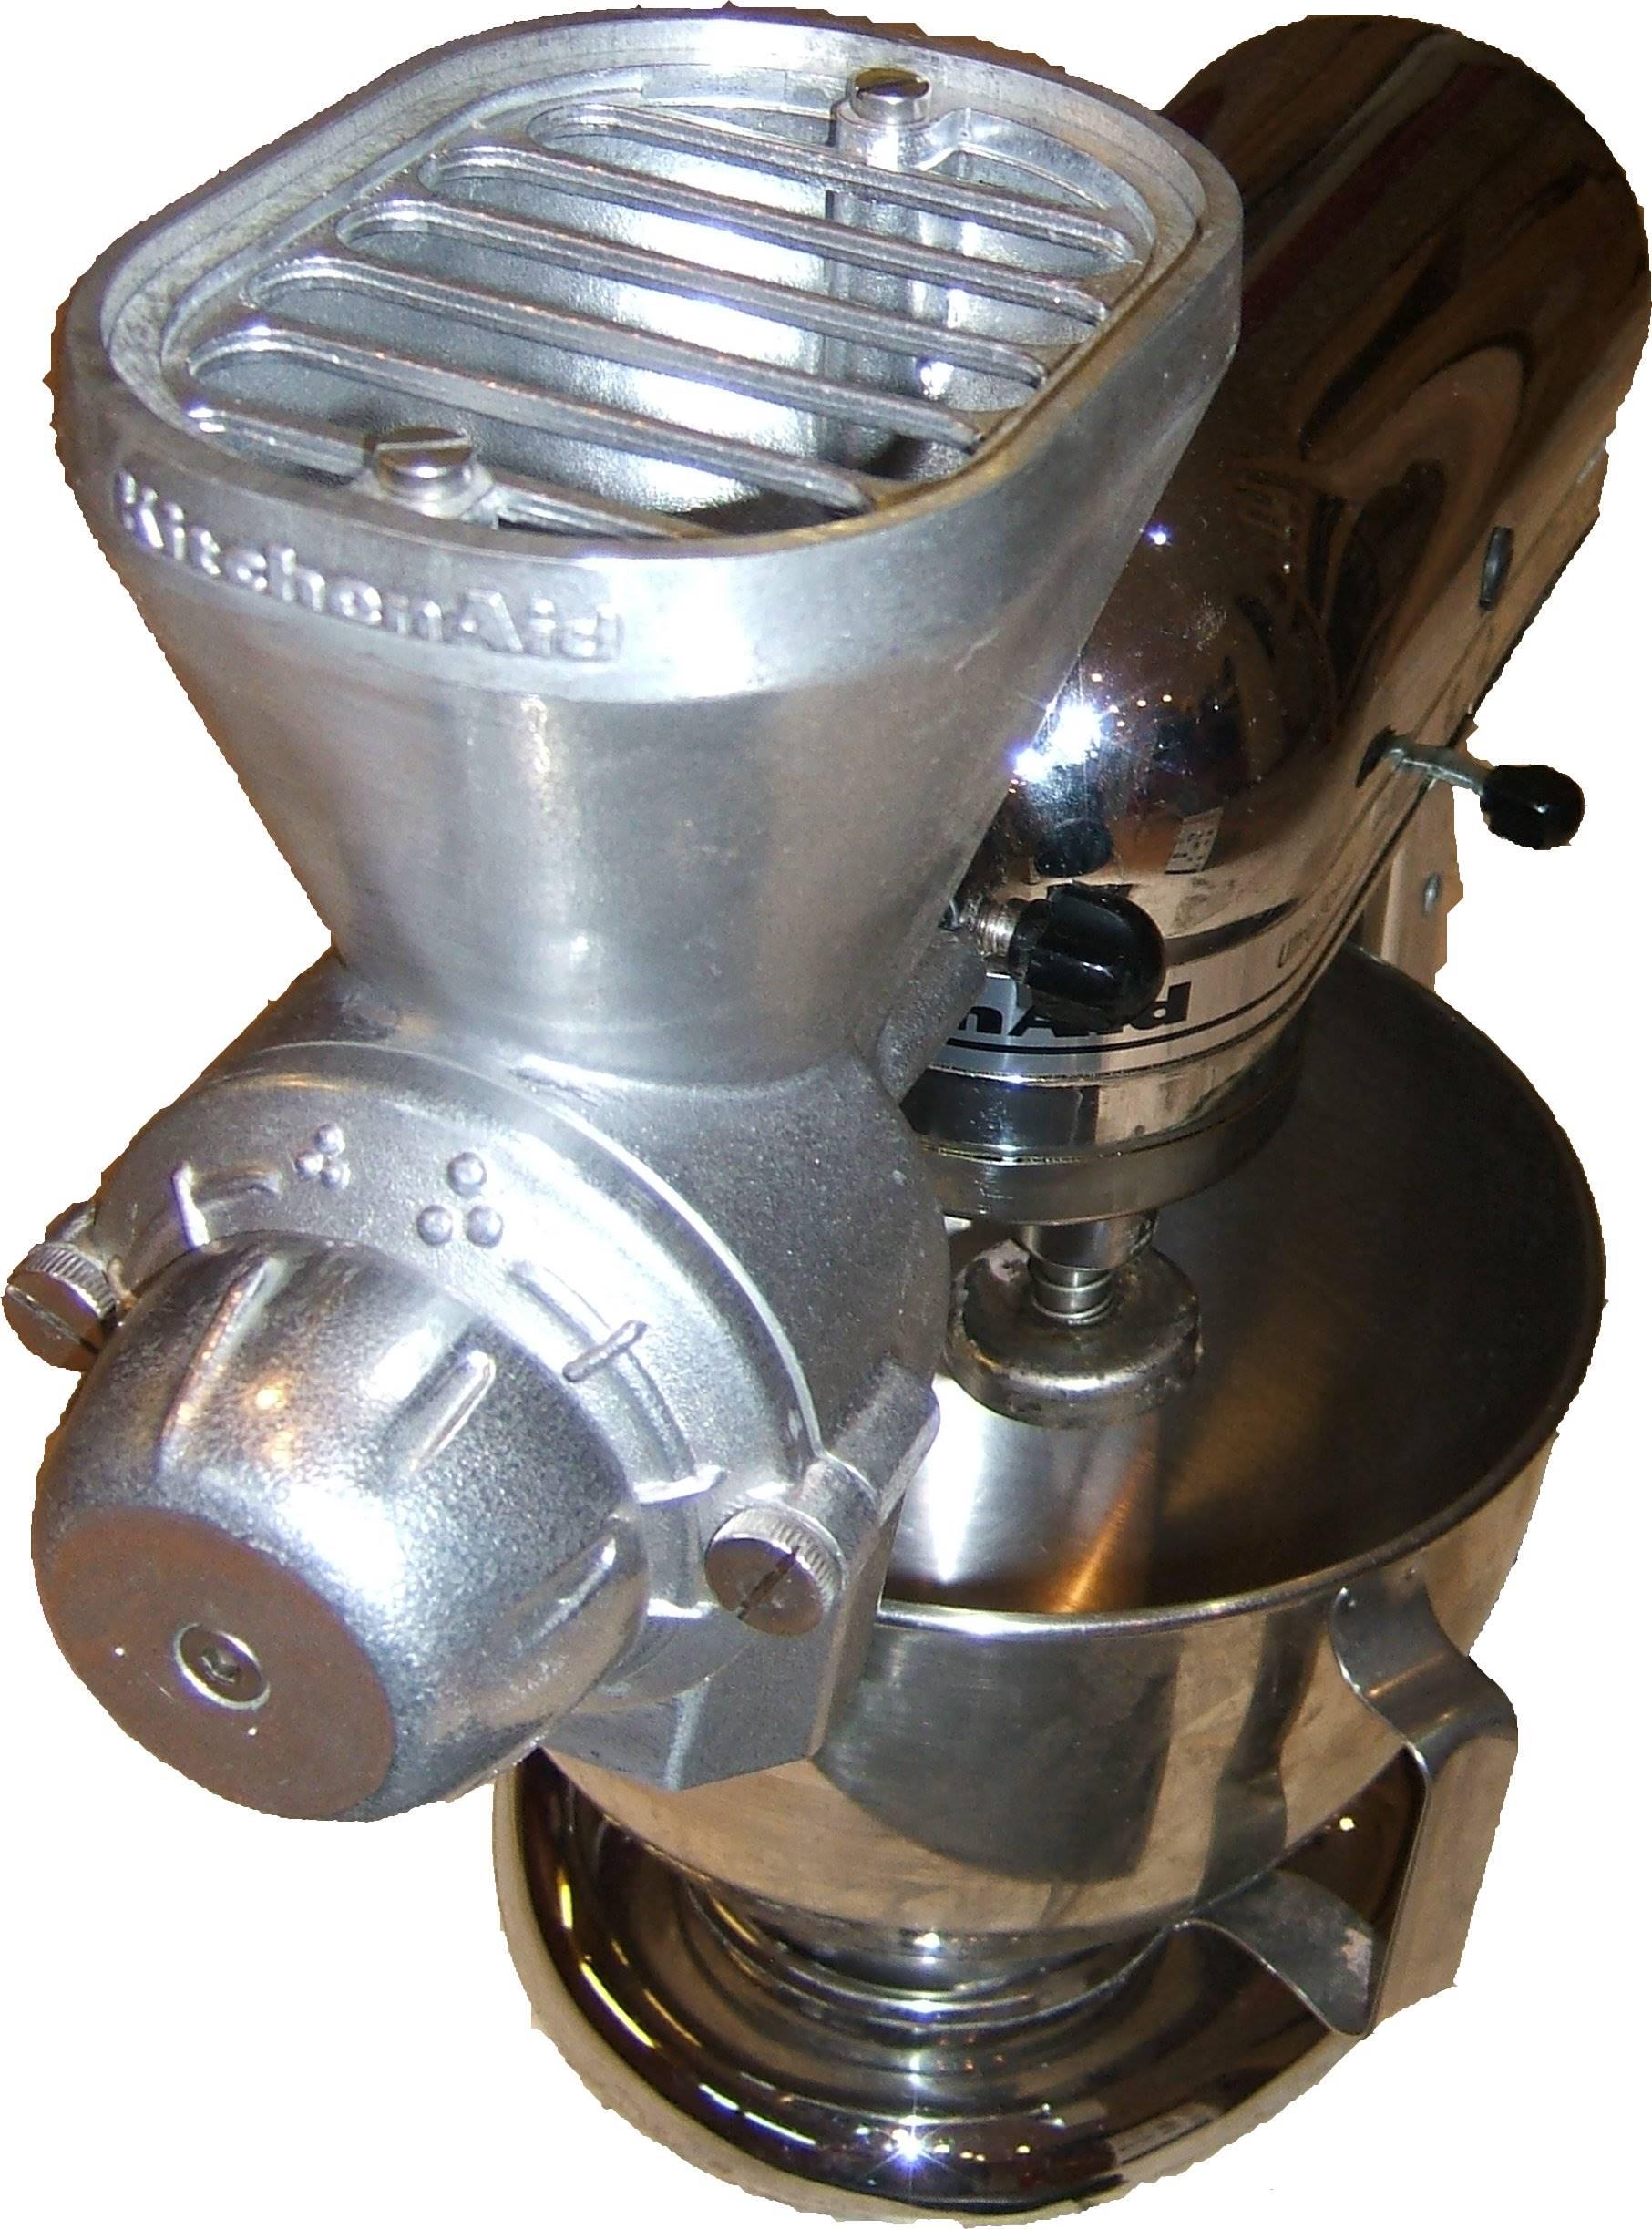 Mixer attachment grain mill 8211924 - Grain mill attachment for kitchenaid mixer ...